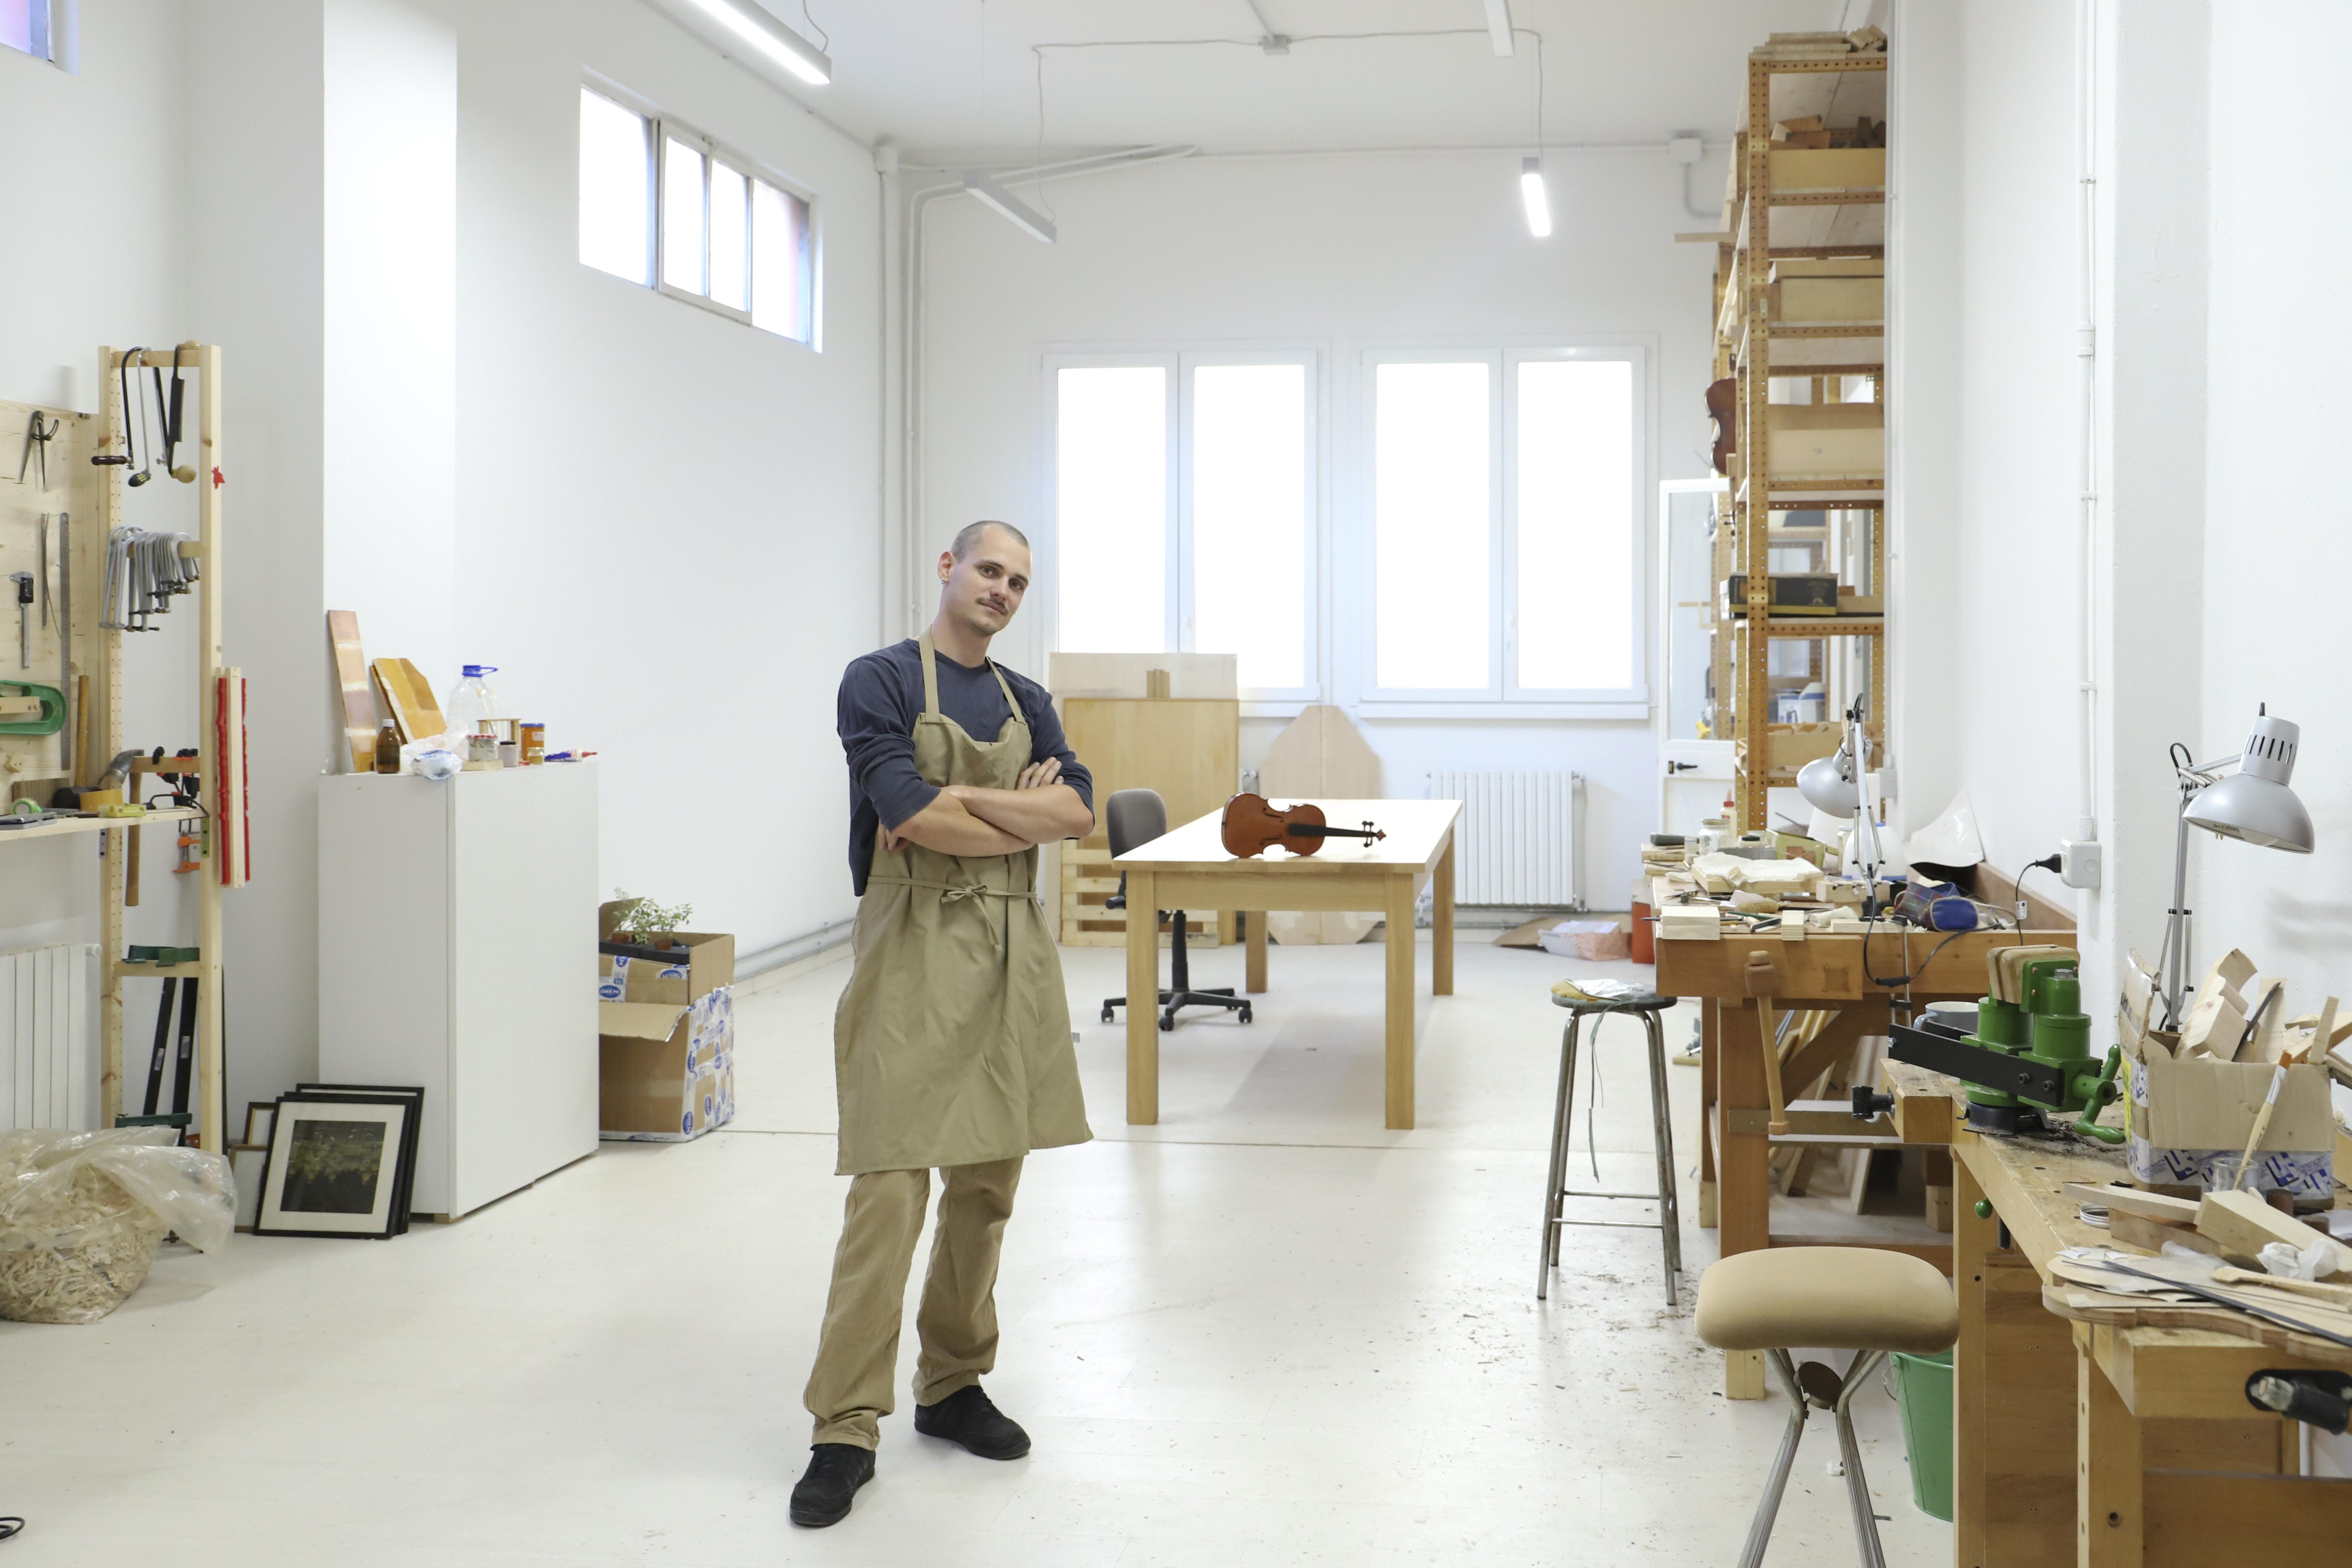 Stefano Bertoli, liutaio di Milano - vincitore del concorso Artigiano del Cuore 2020 di Wellmade